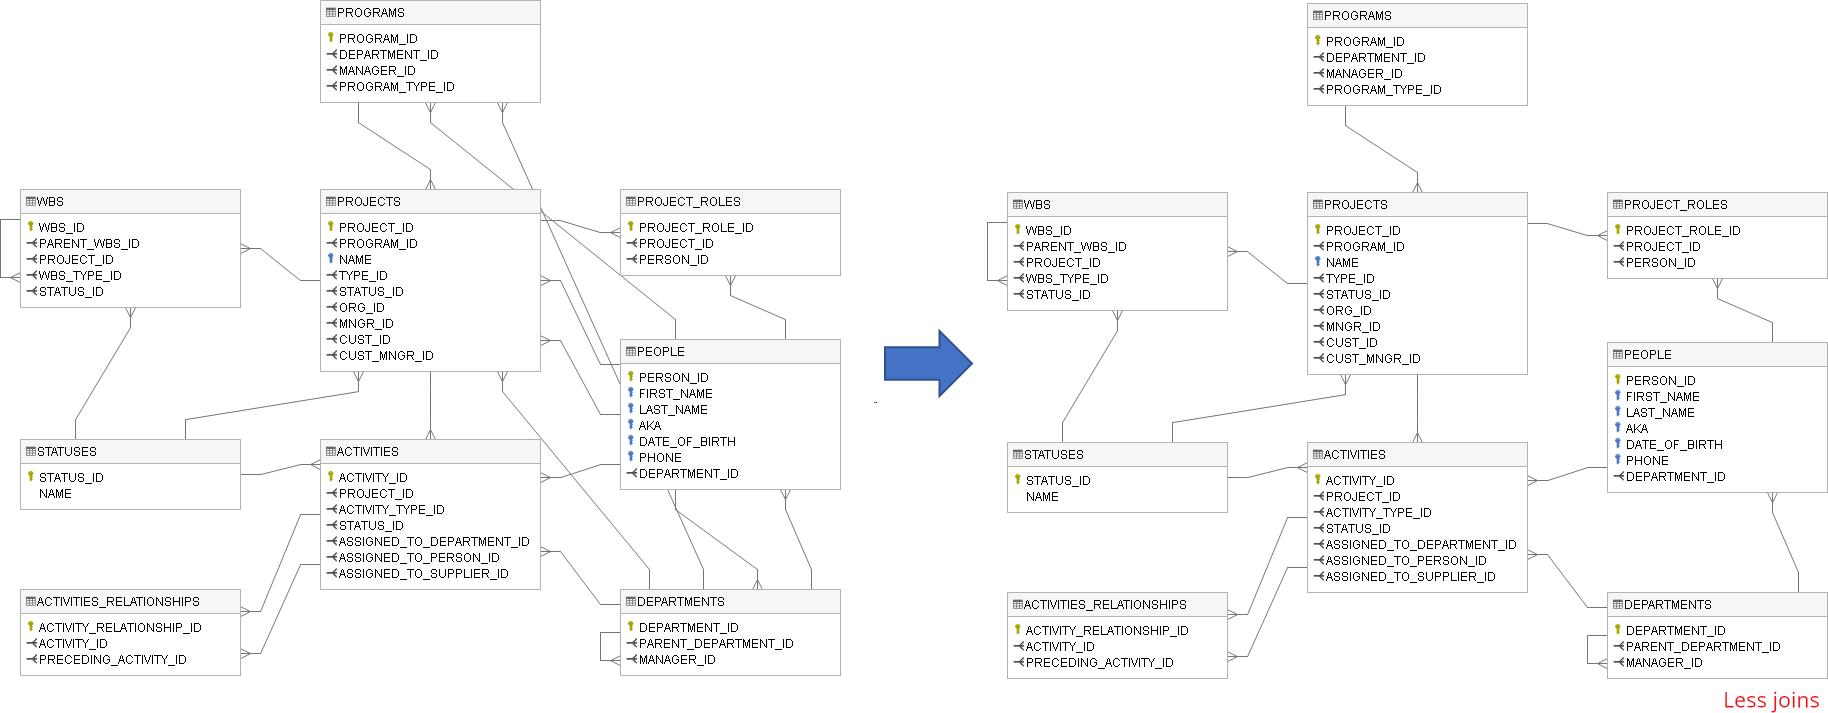 Create Er Diagram For Existing Database - Dataedo Dataedo inside Er Diagram Overlapping